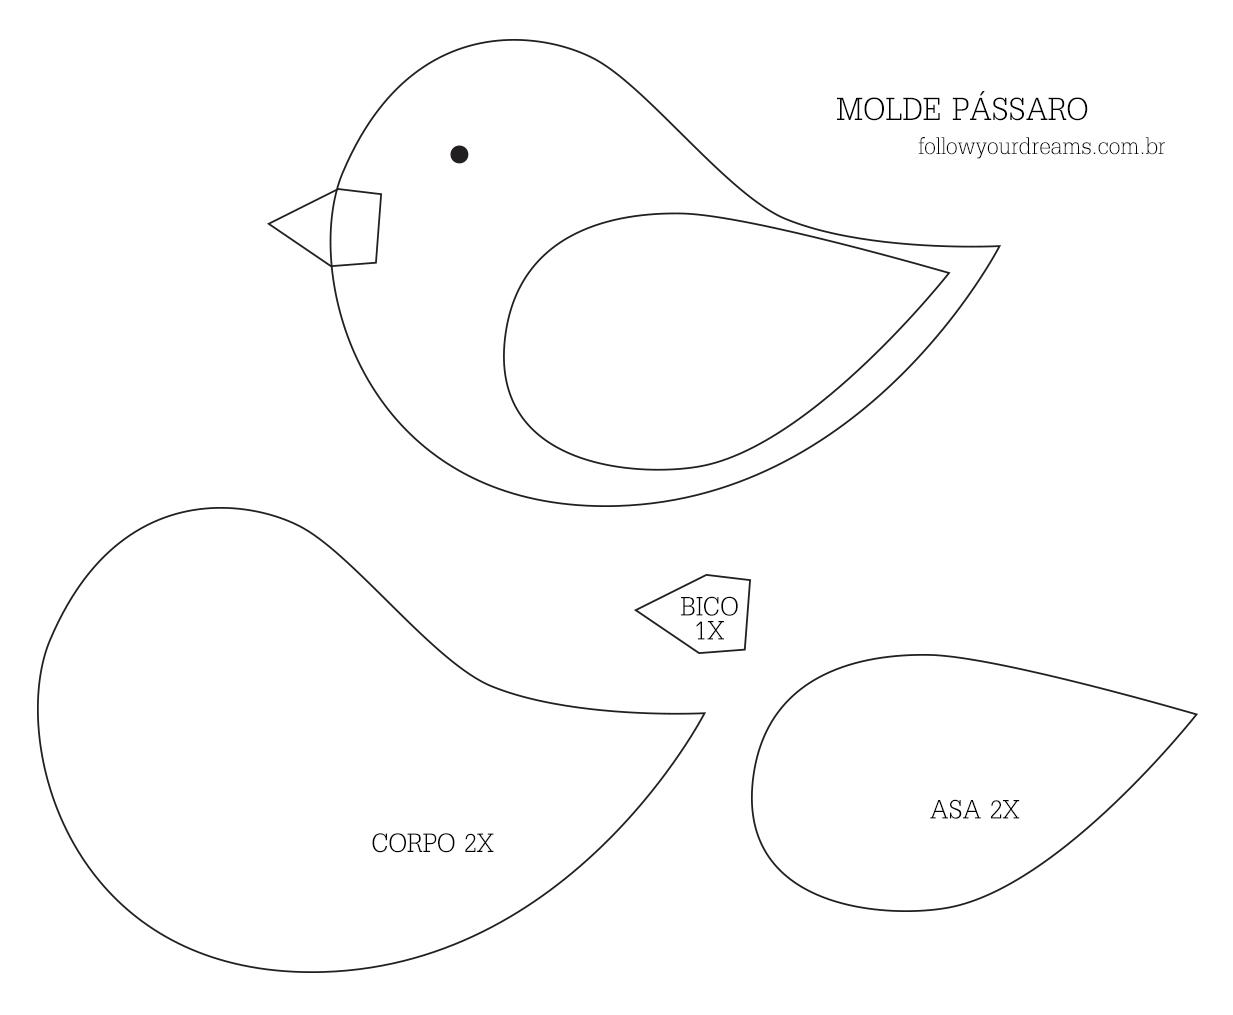 Pin von tamires batista auf Branca de neve | Pinterest | Filz vögel ...